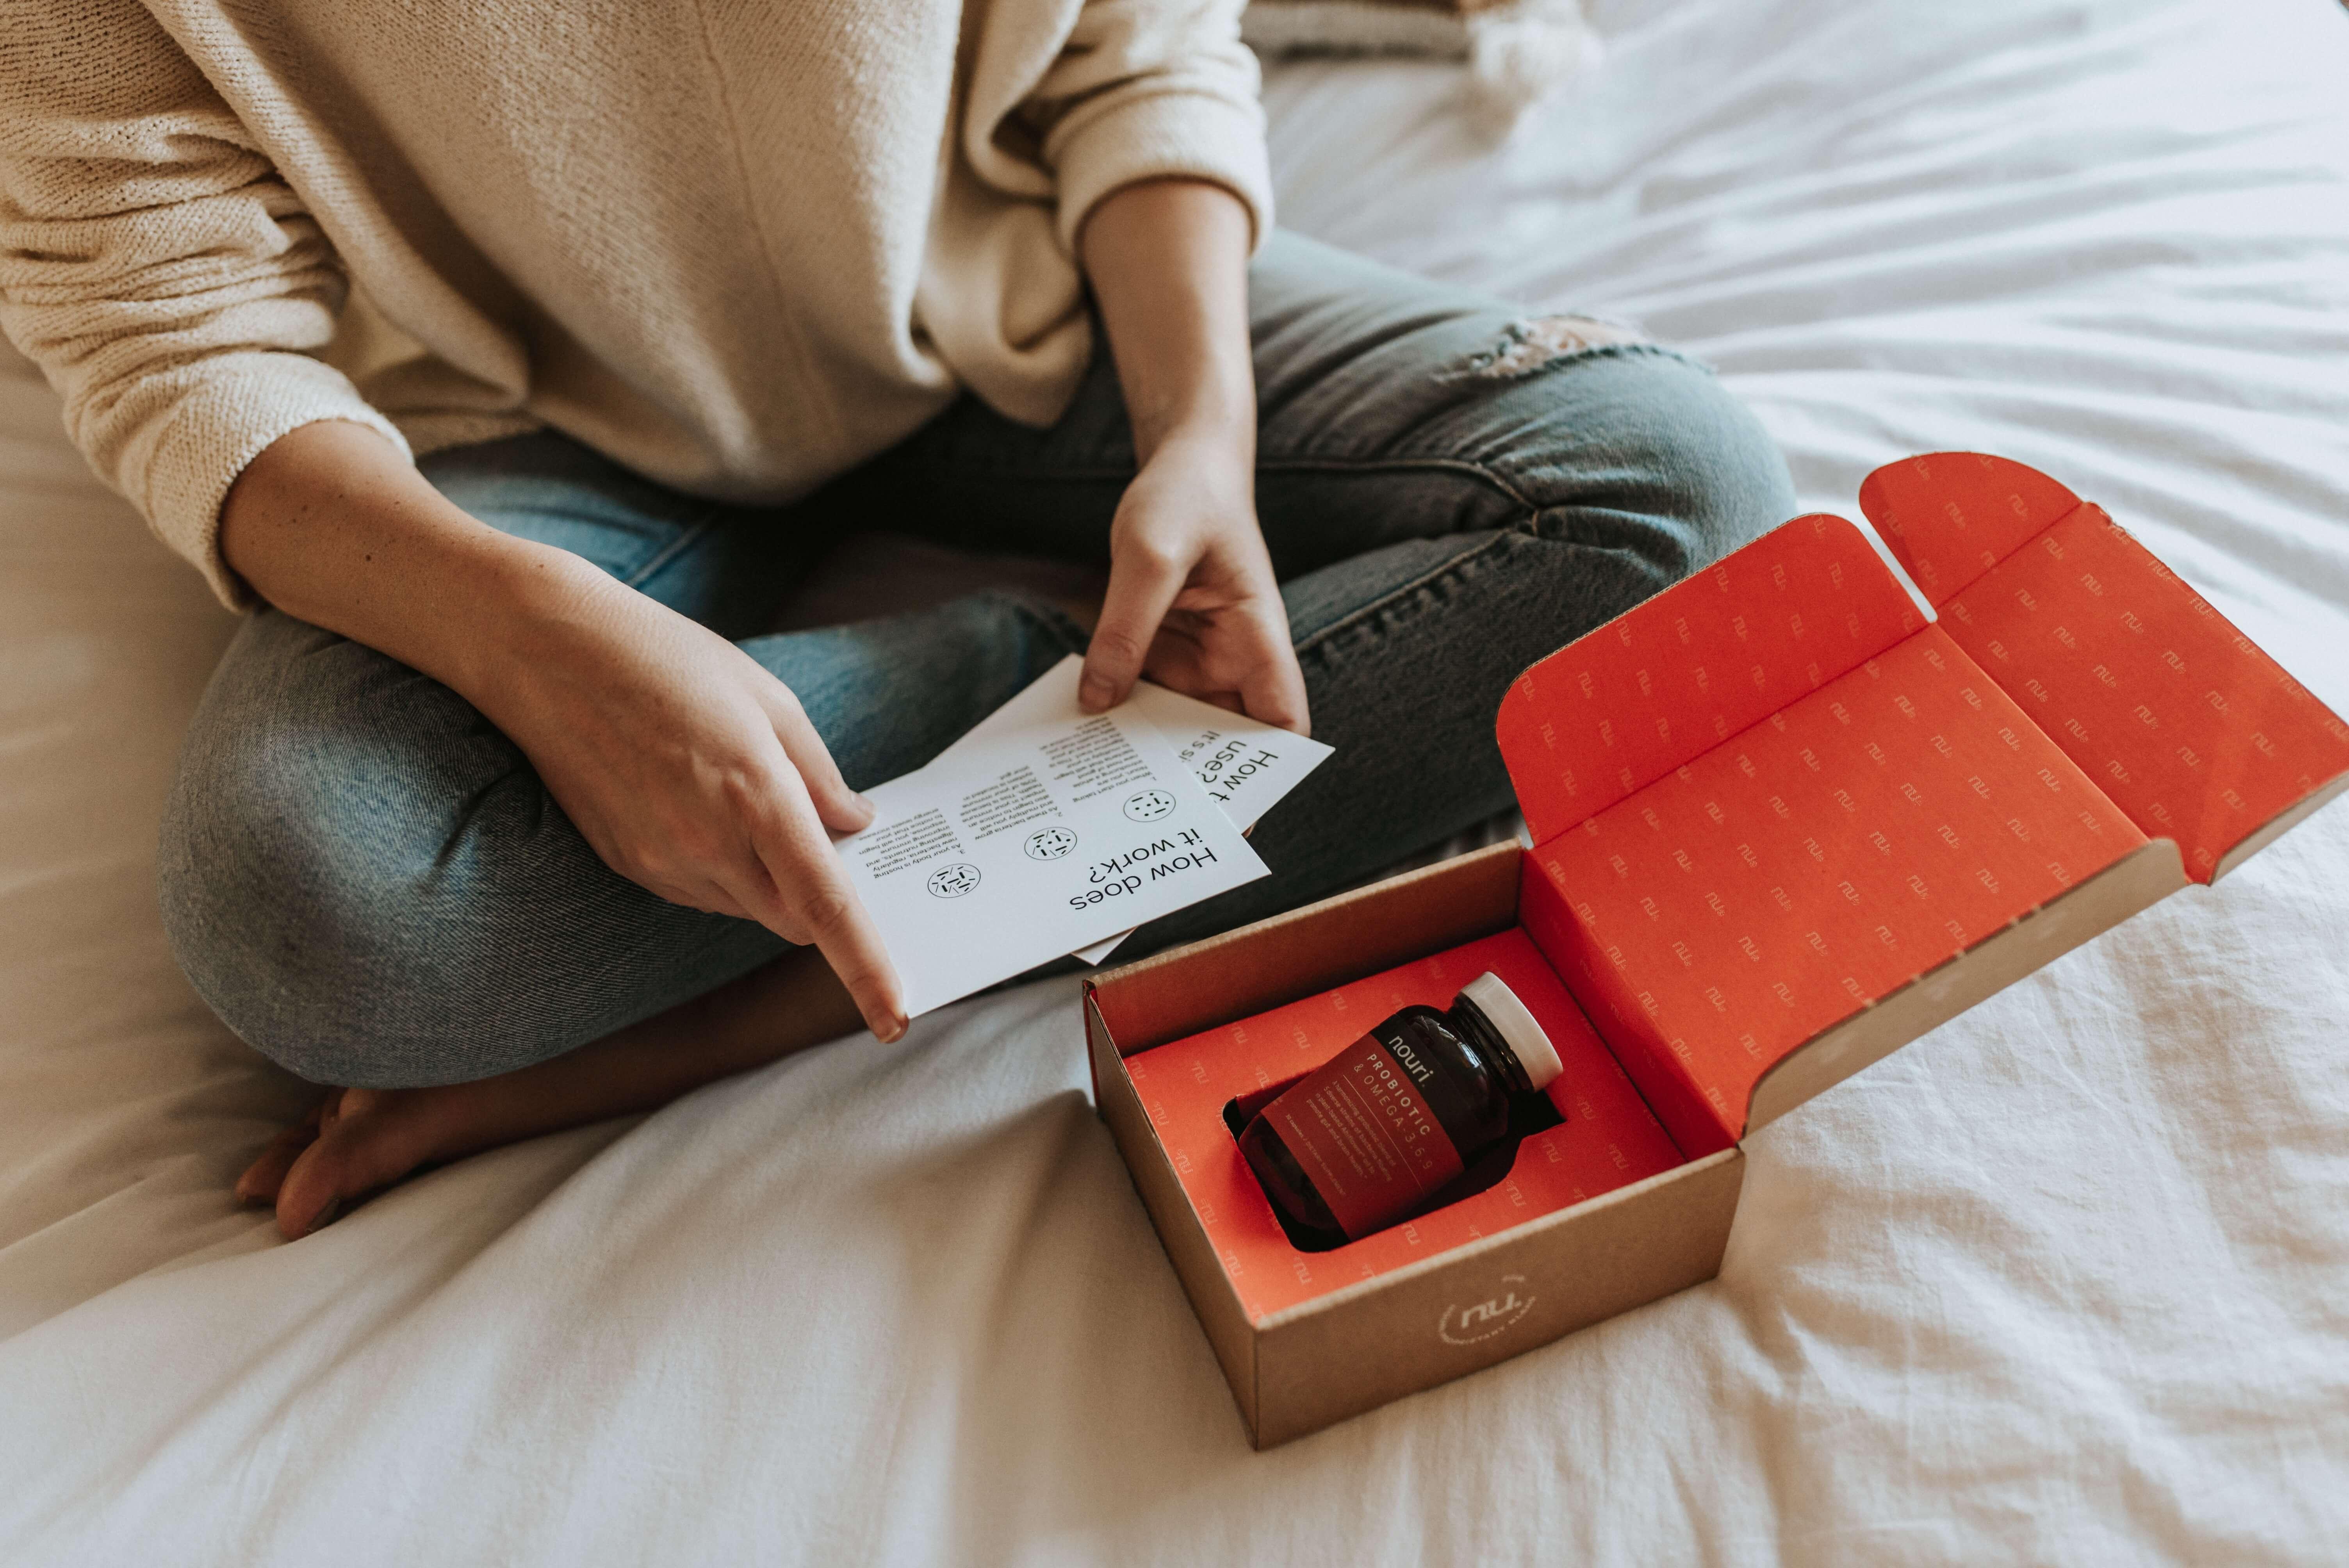 Spacchettamento scatola con interno rosso